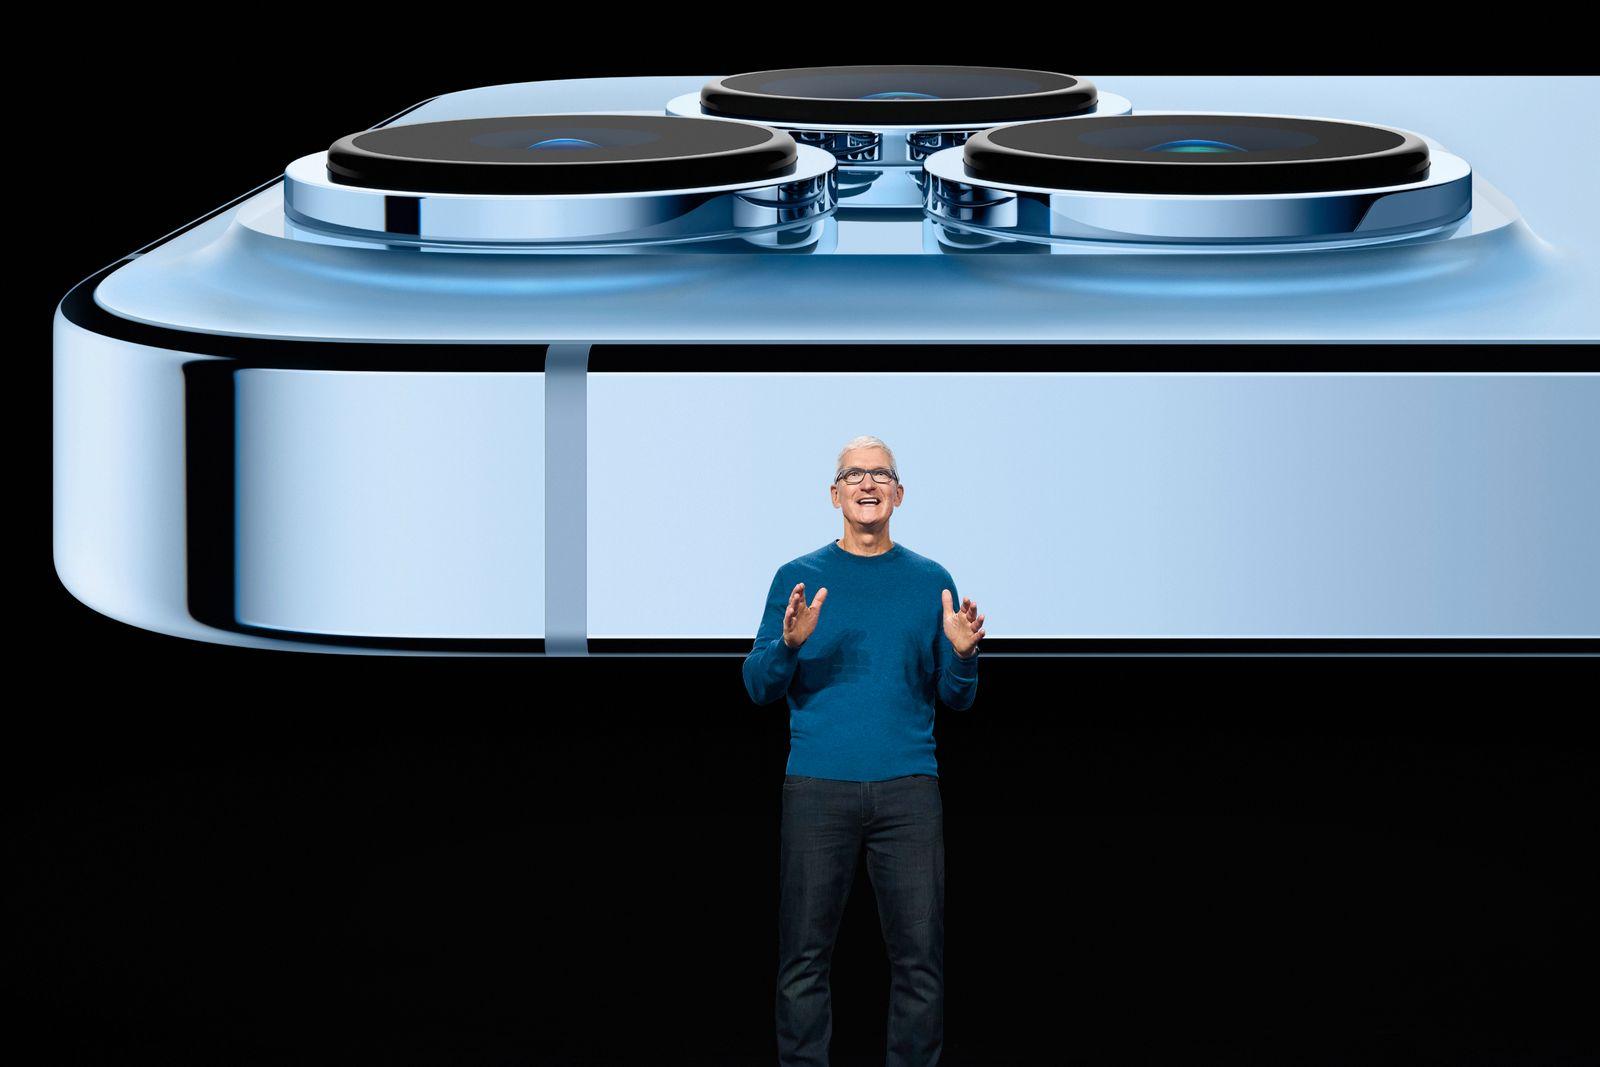 Apple Event: September 14, 2021